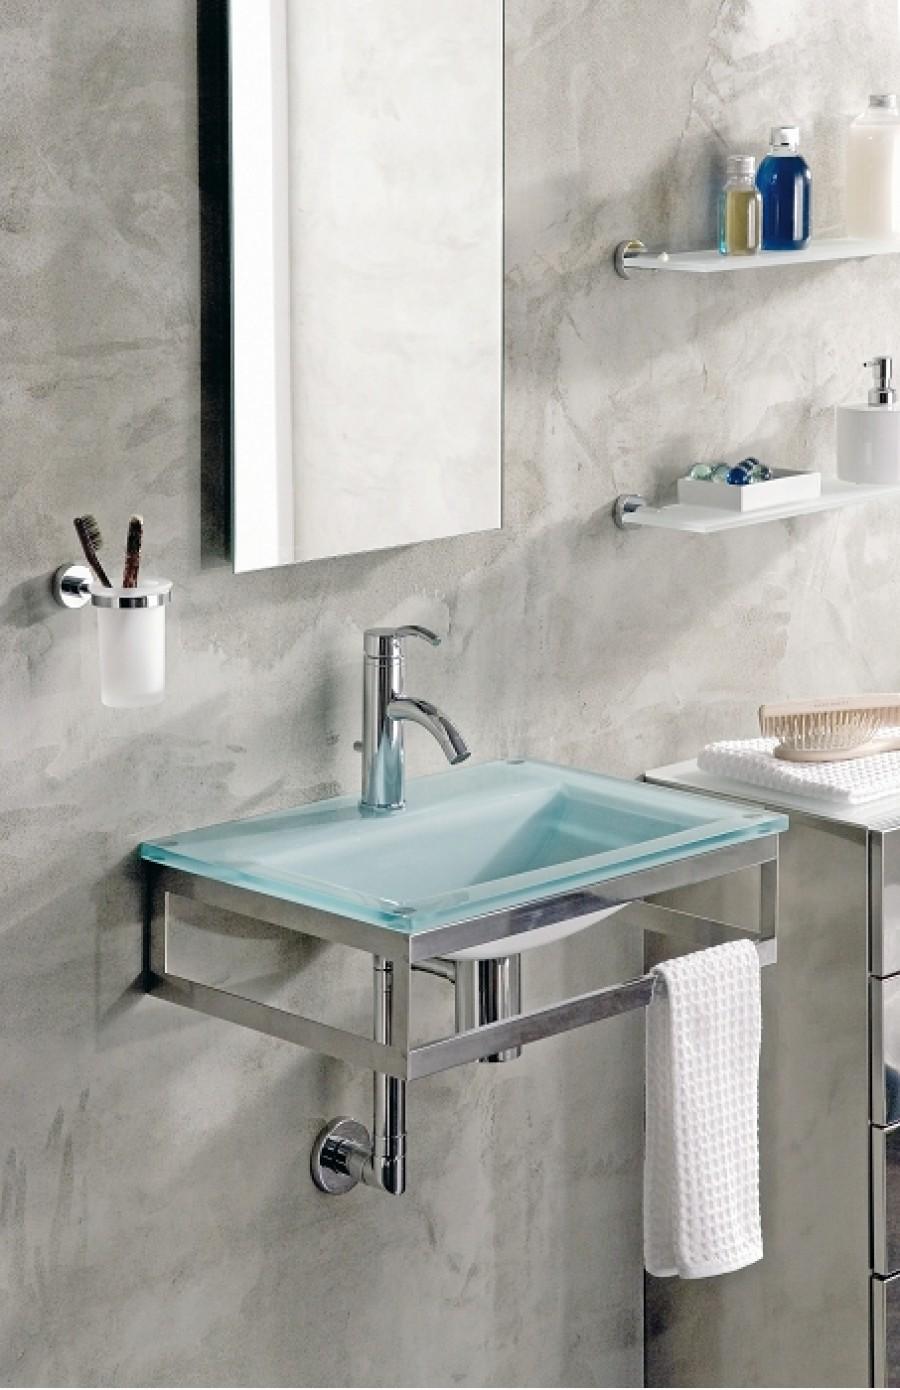 lave mains en verre opaline vo05089 meuble de salle de bain douche baignoire. Black Bedroom Furniture Sets. Home Design Ideas